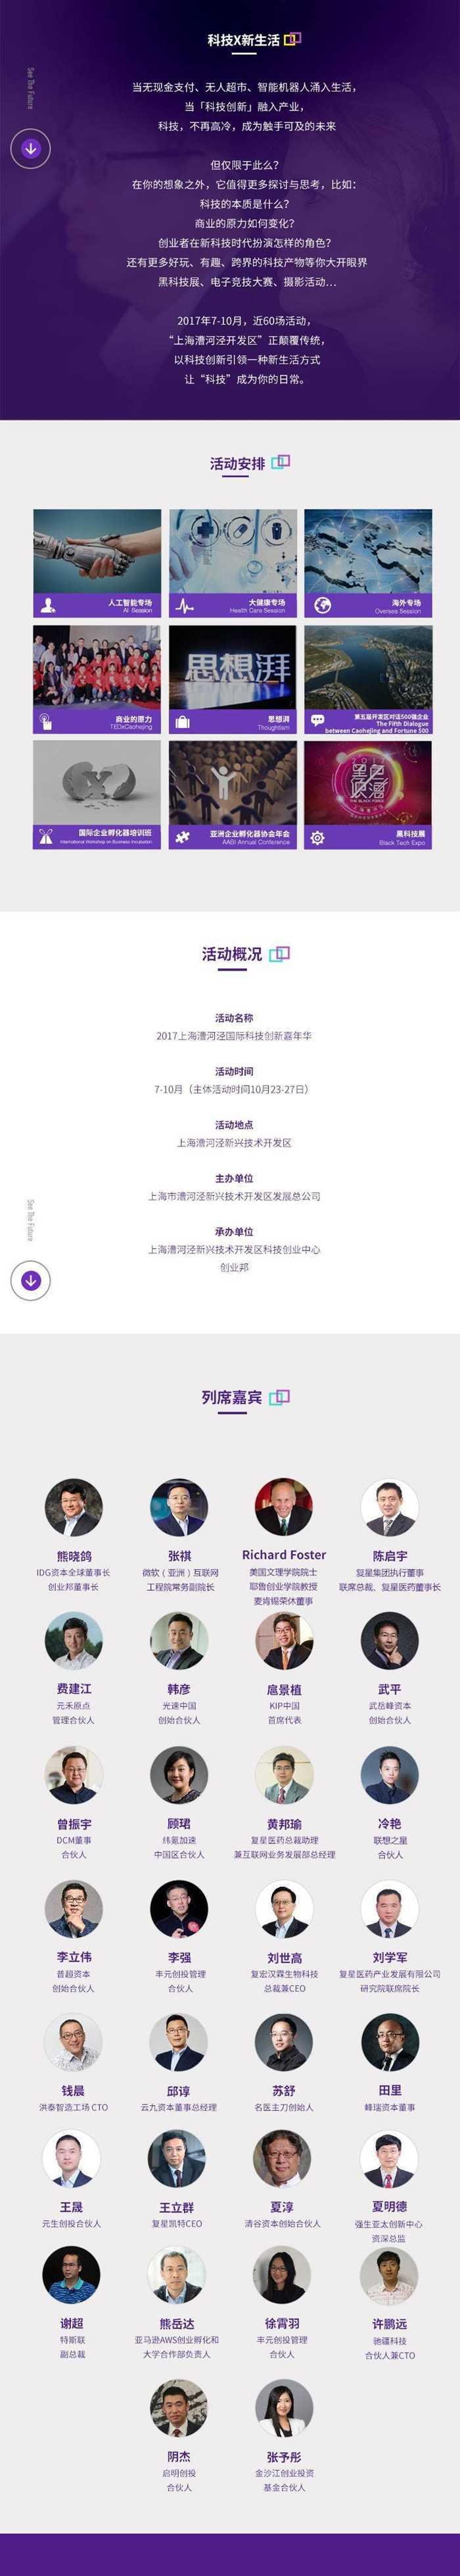 漕河泾活动行嘉宾.jpg